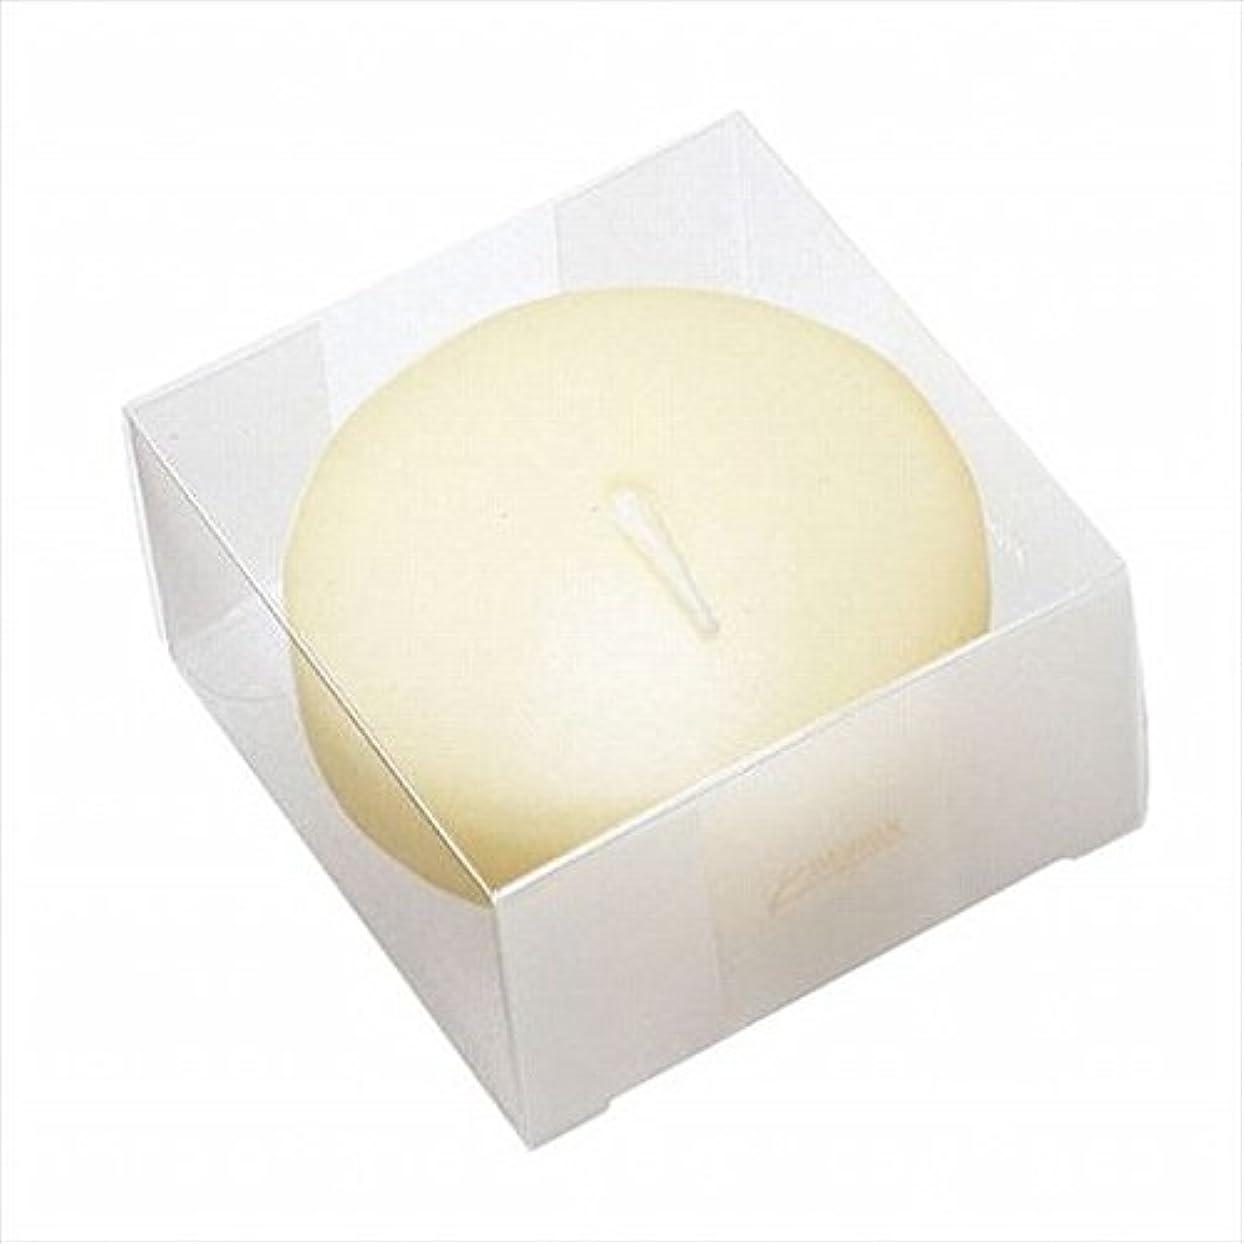 分離くつろぐ主張するkameyama candle(カメヤマキャンドル) プール80(箱入り) 「 アイボリー 」 キャンドル 80x80x45mm (A7069050)